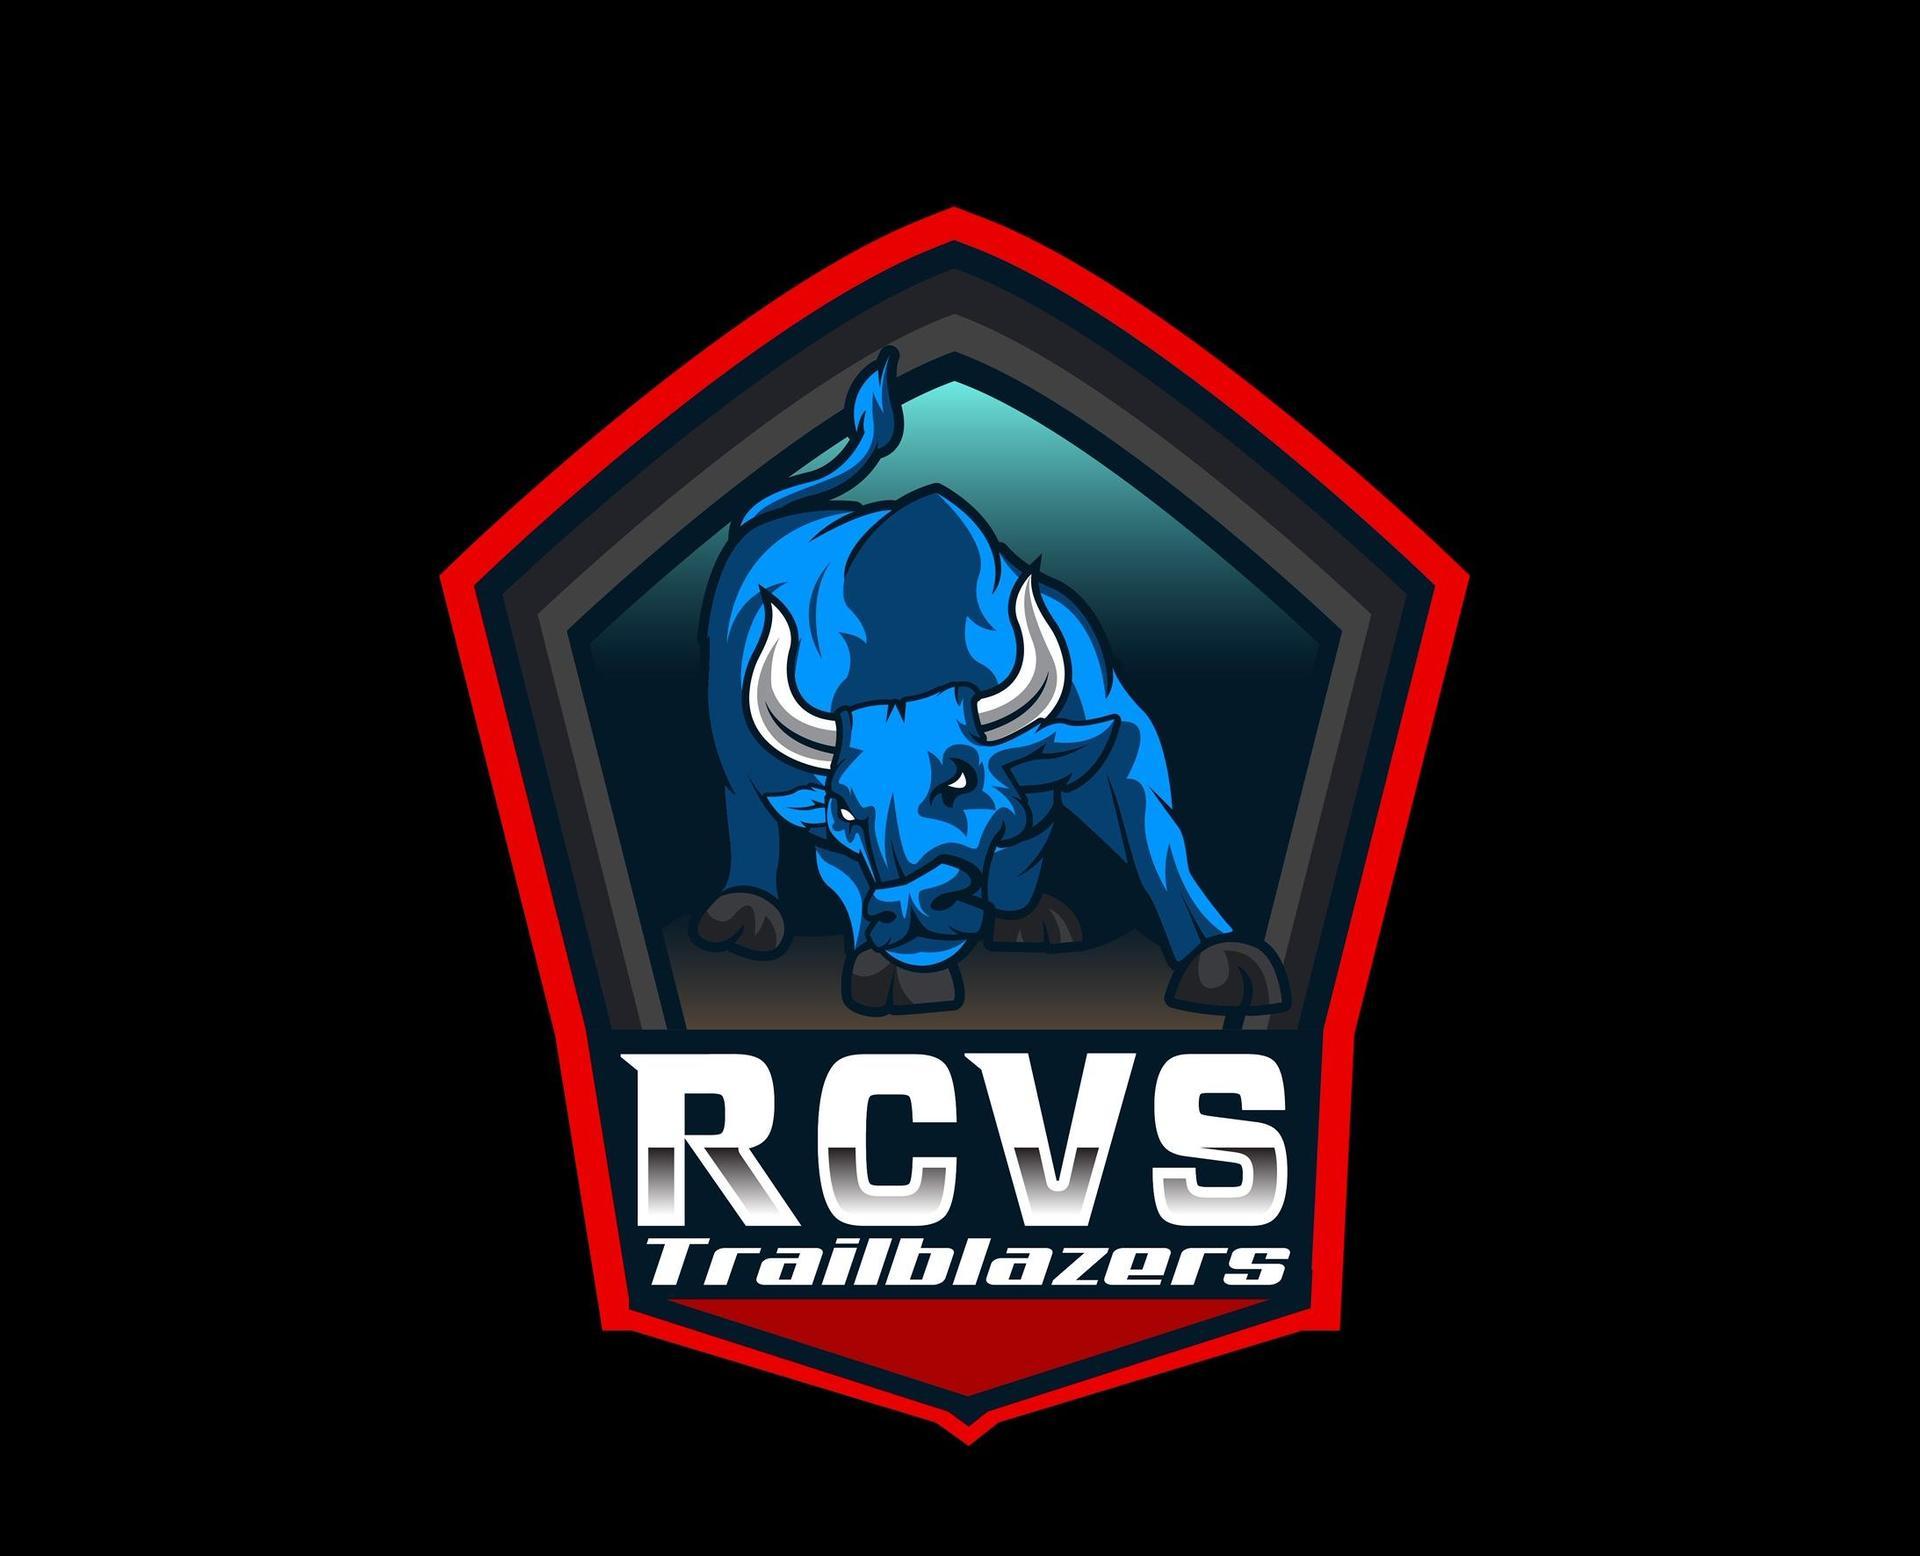 rcvs mascot